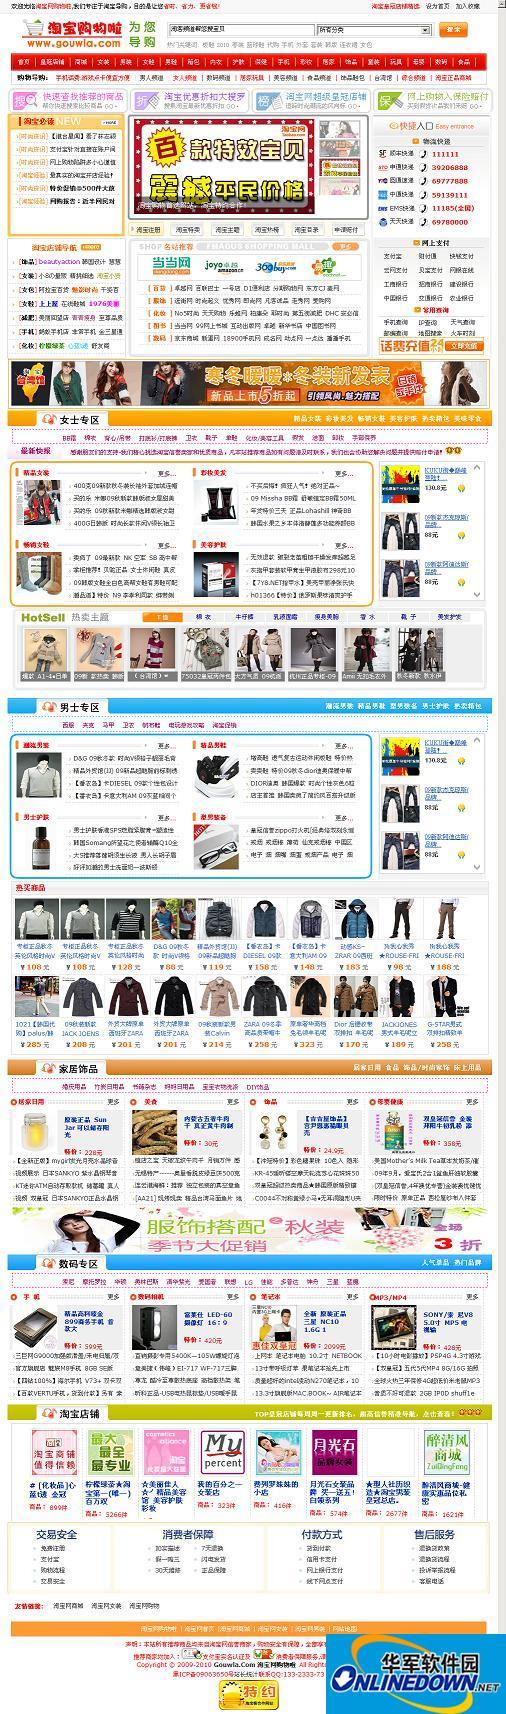 淘宝网购物整站程序 DEDE5.5内核带4000文章 PC版